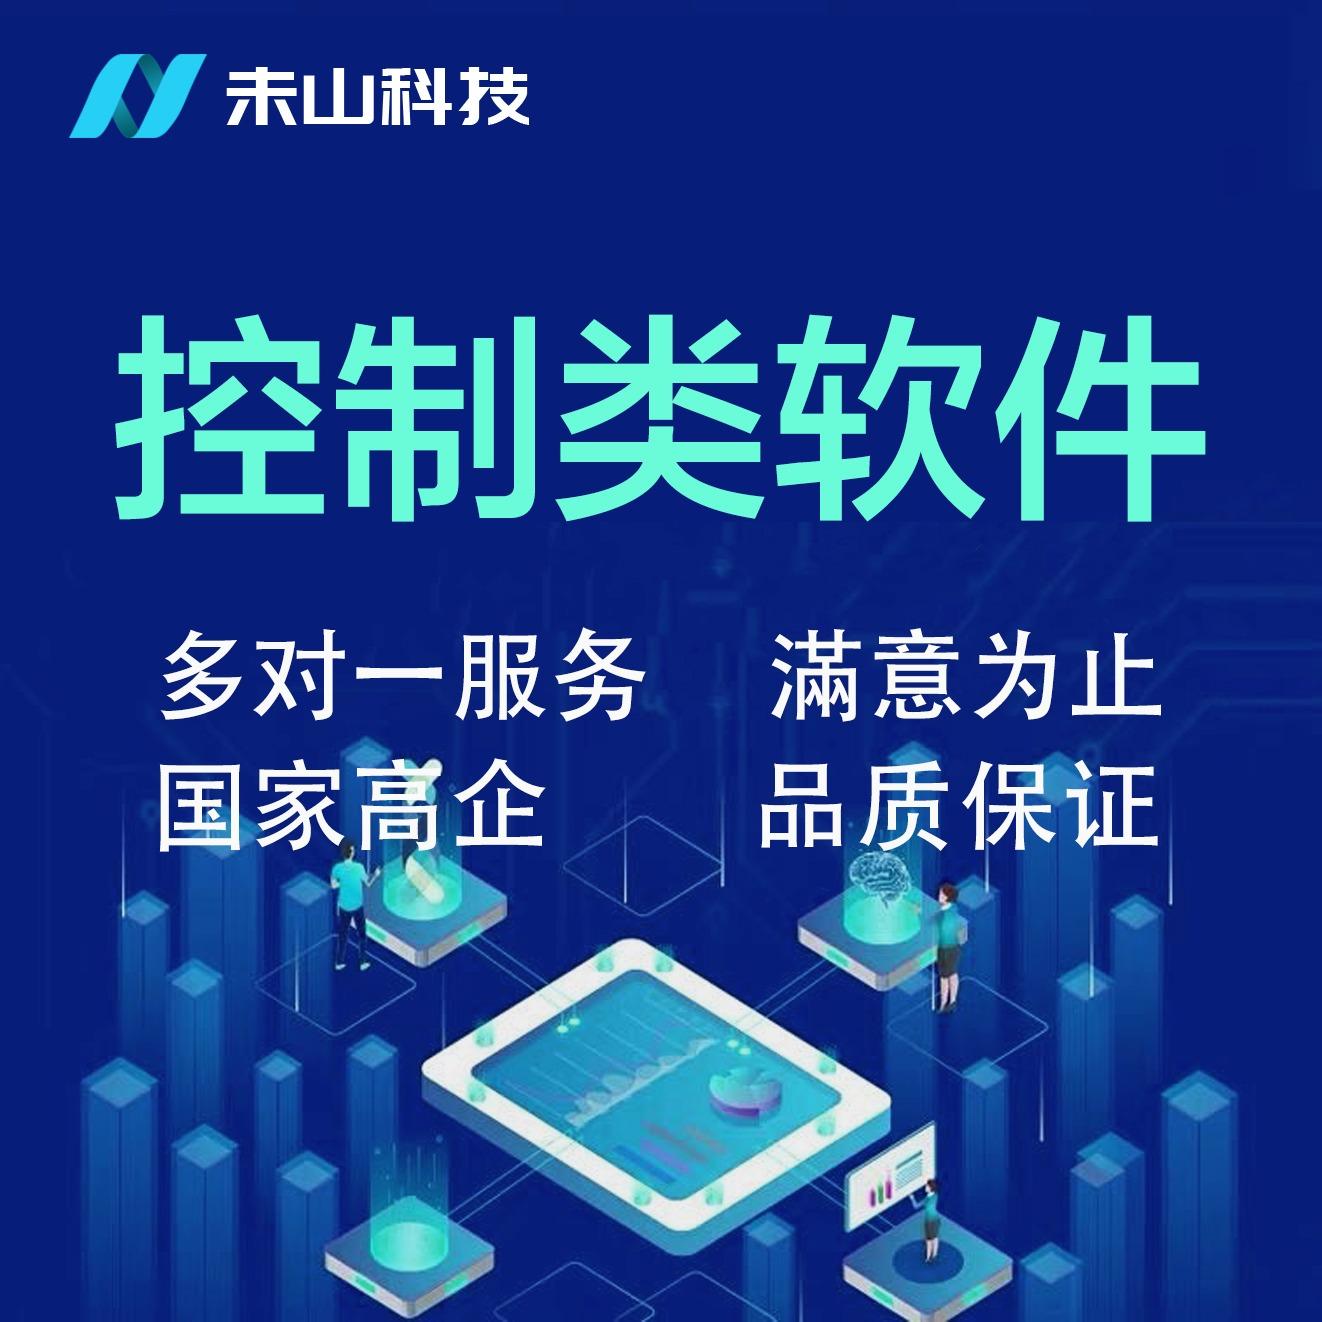 控制类/PLC上位机/串口通信/工控机设备/注塑云台协议开发